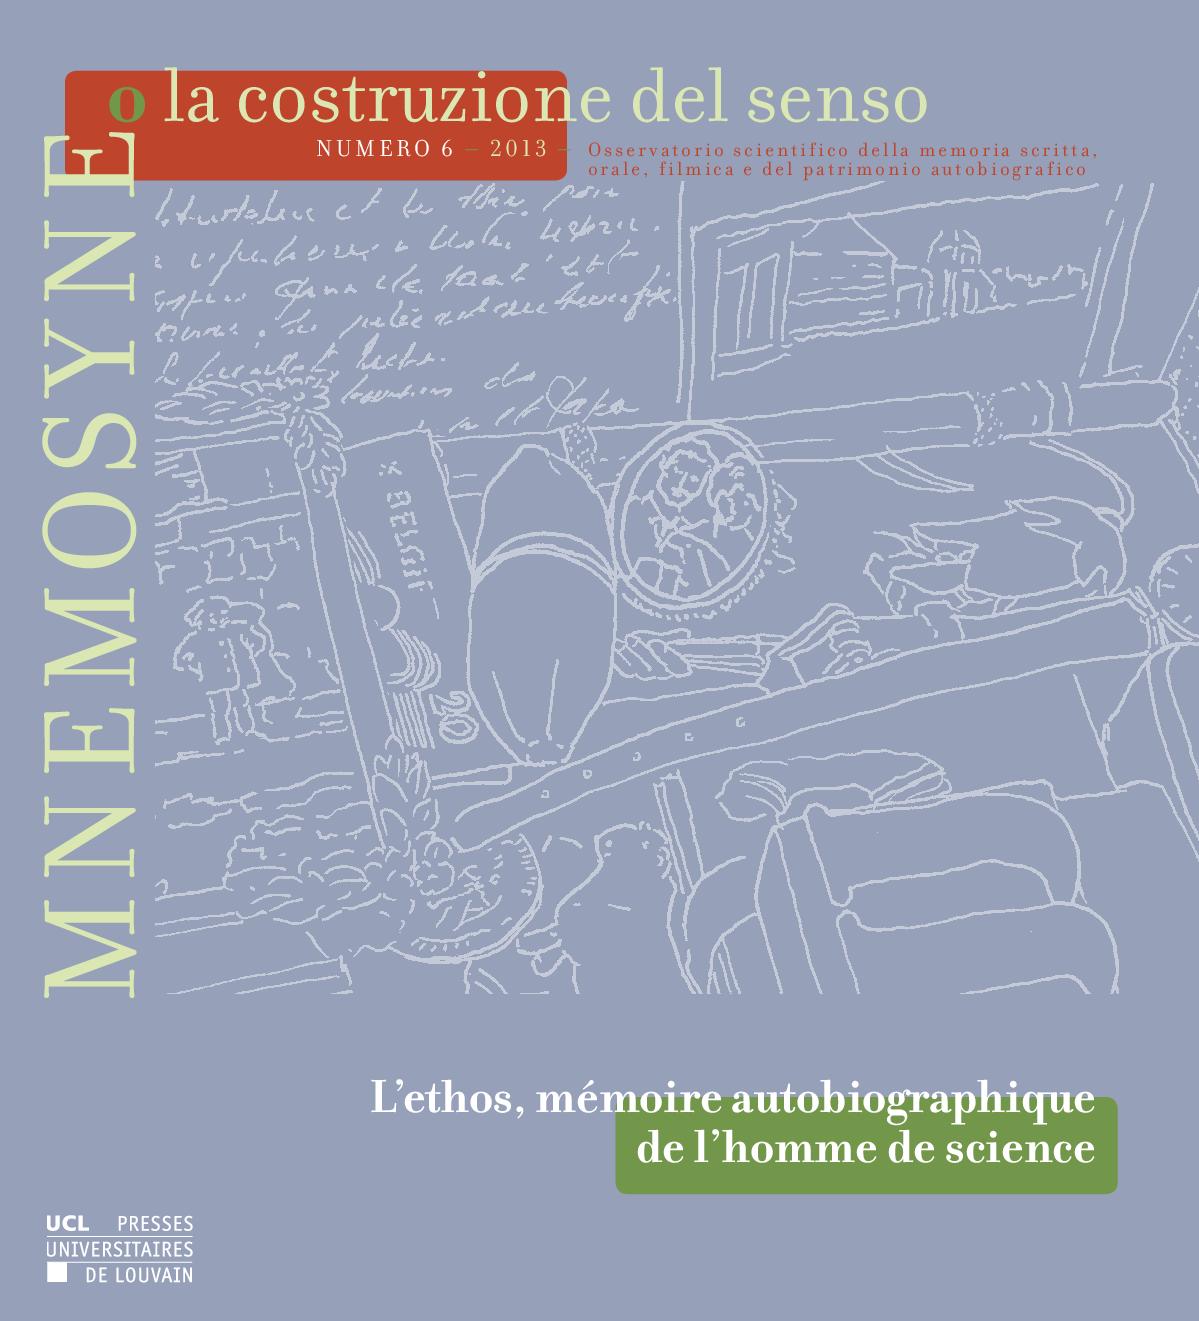 Mnemosyne o la costruzione del senso, PUL, Université catholique de Louvain